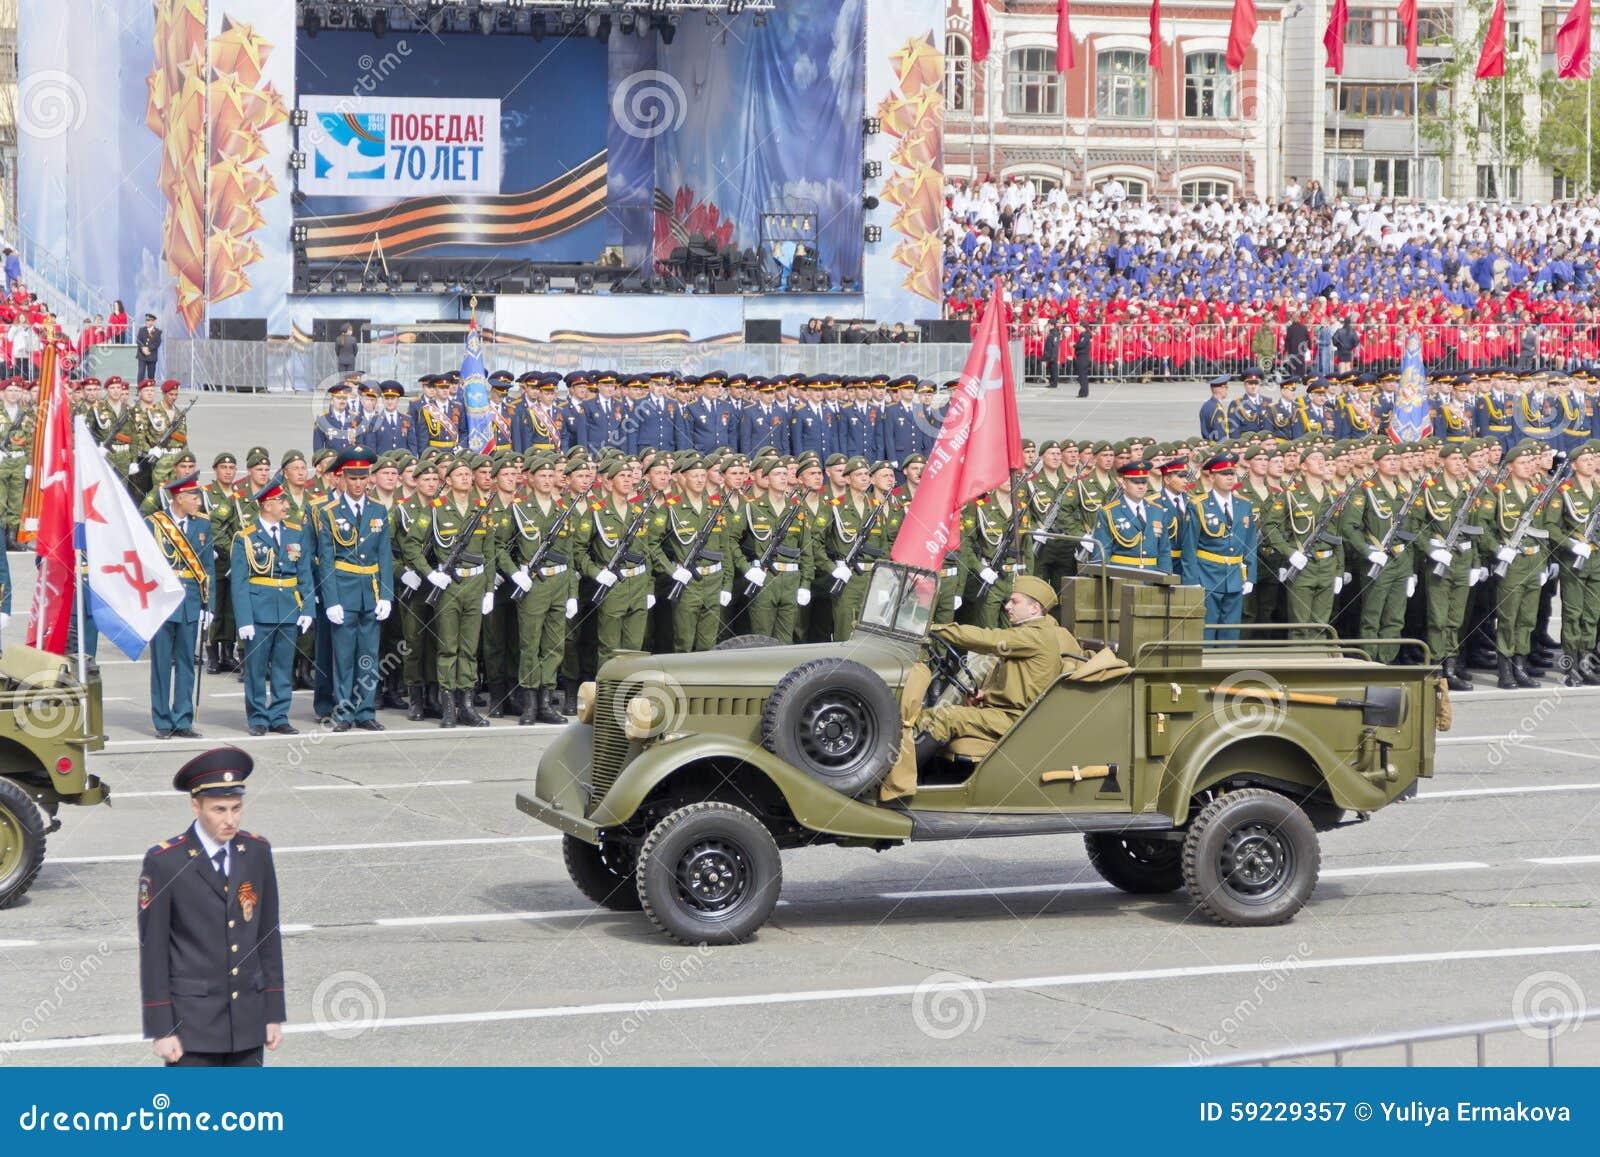 Download Los Militares Rusos Transportan En El Desfile En Victory Day Anual Fotografía editorial - Imagen de celebraciones, ceremonia: 59229357